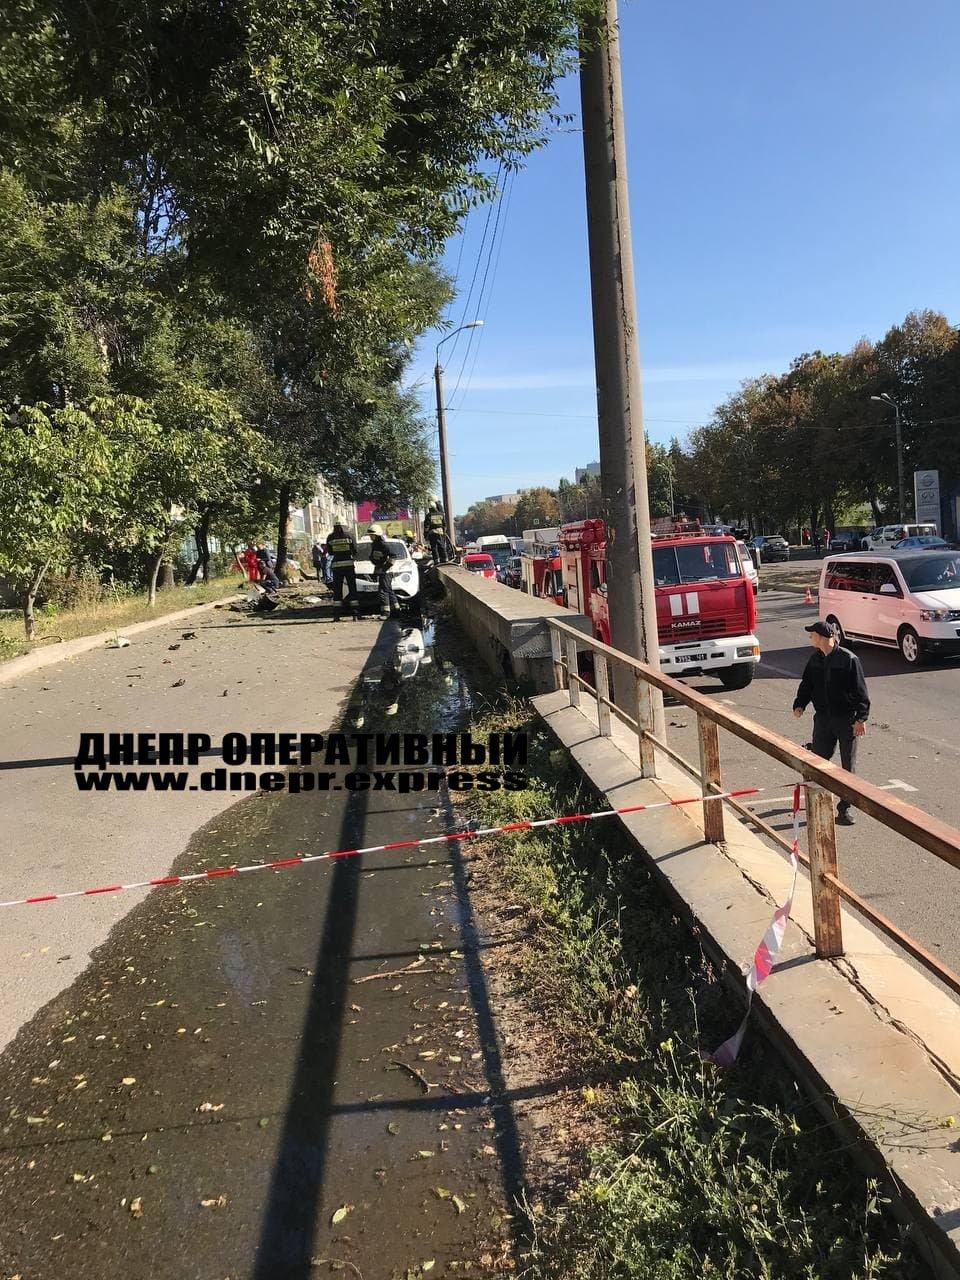 В Днепре от взрыва автомобиль разорвало на части, погибли 2 человека, - ФОТО, фото-4